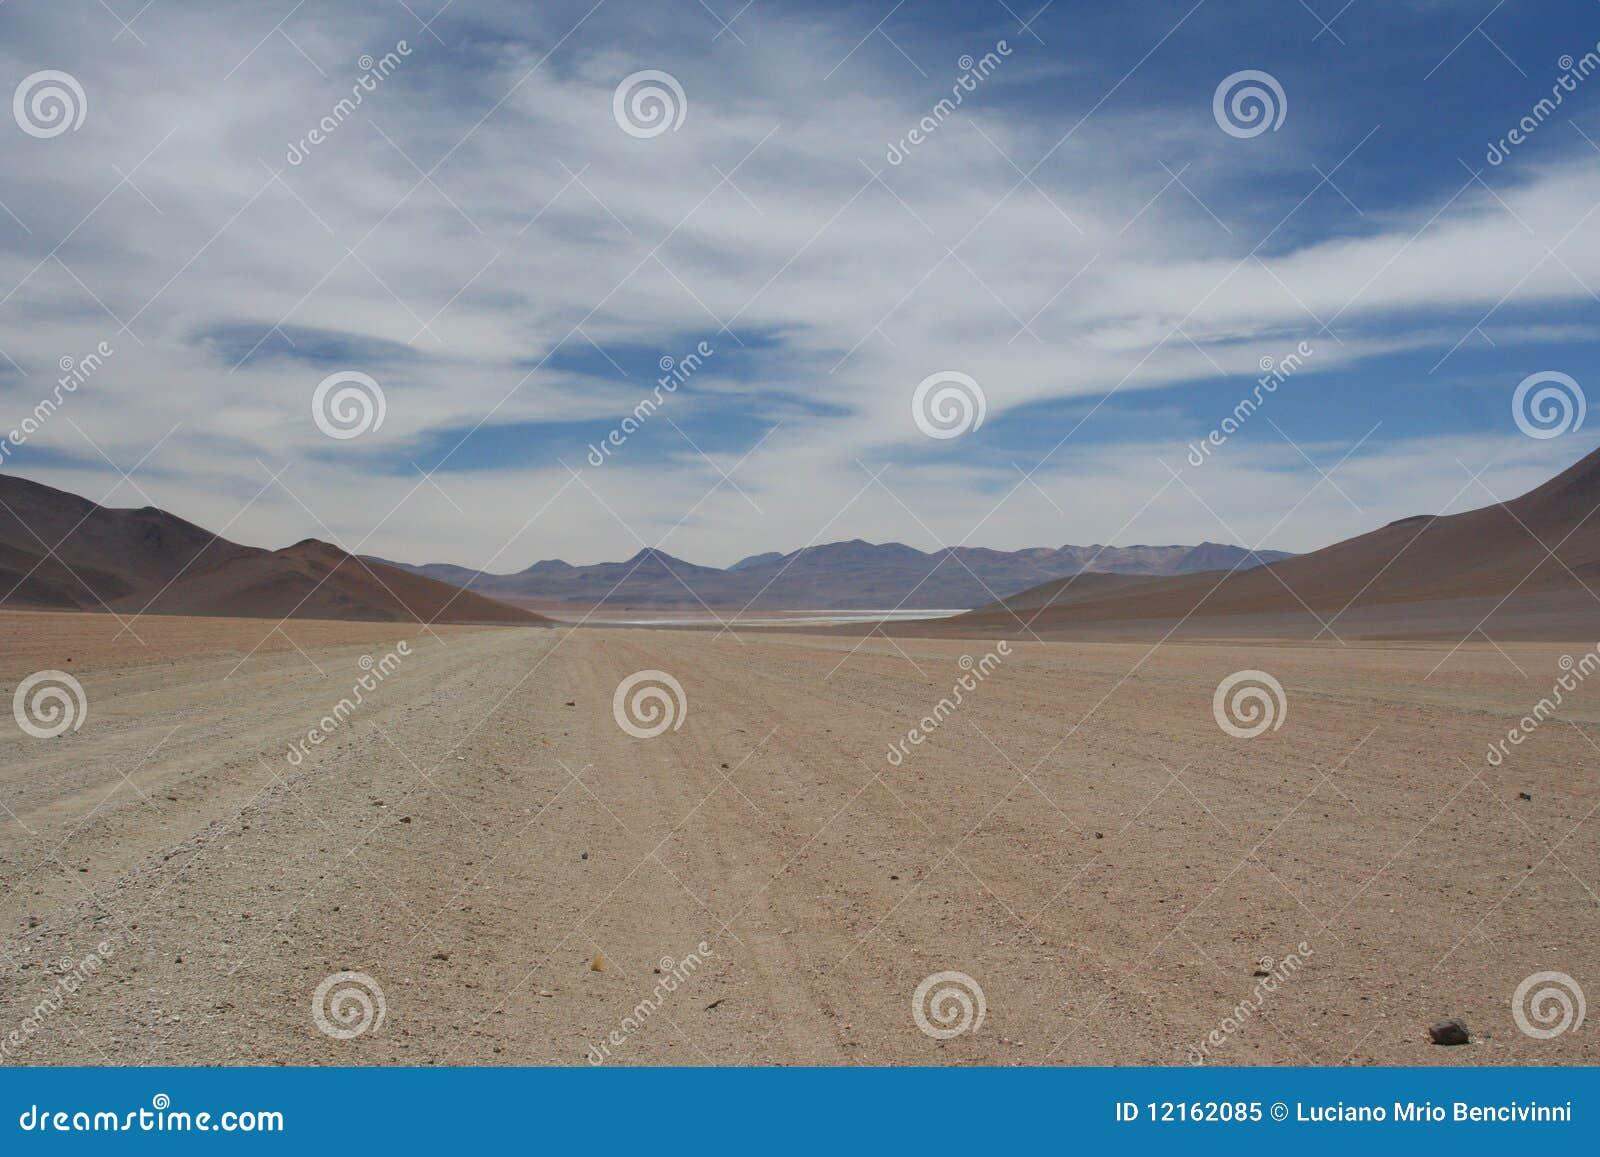 Bolivianische Hochebenelandschaft